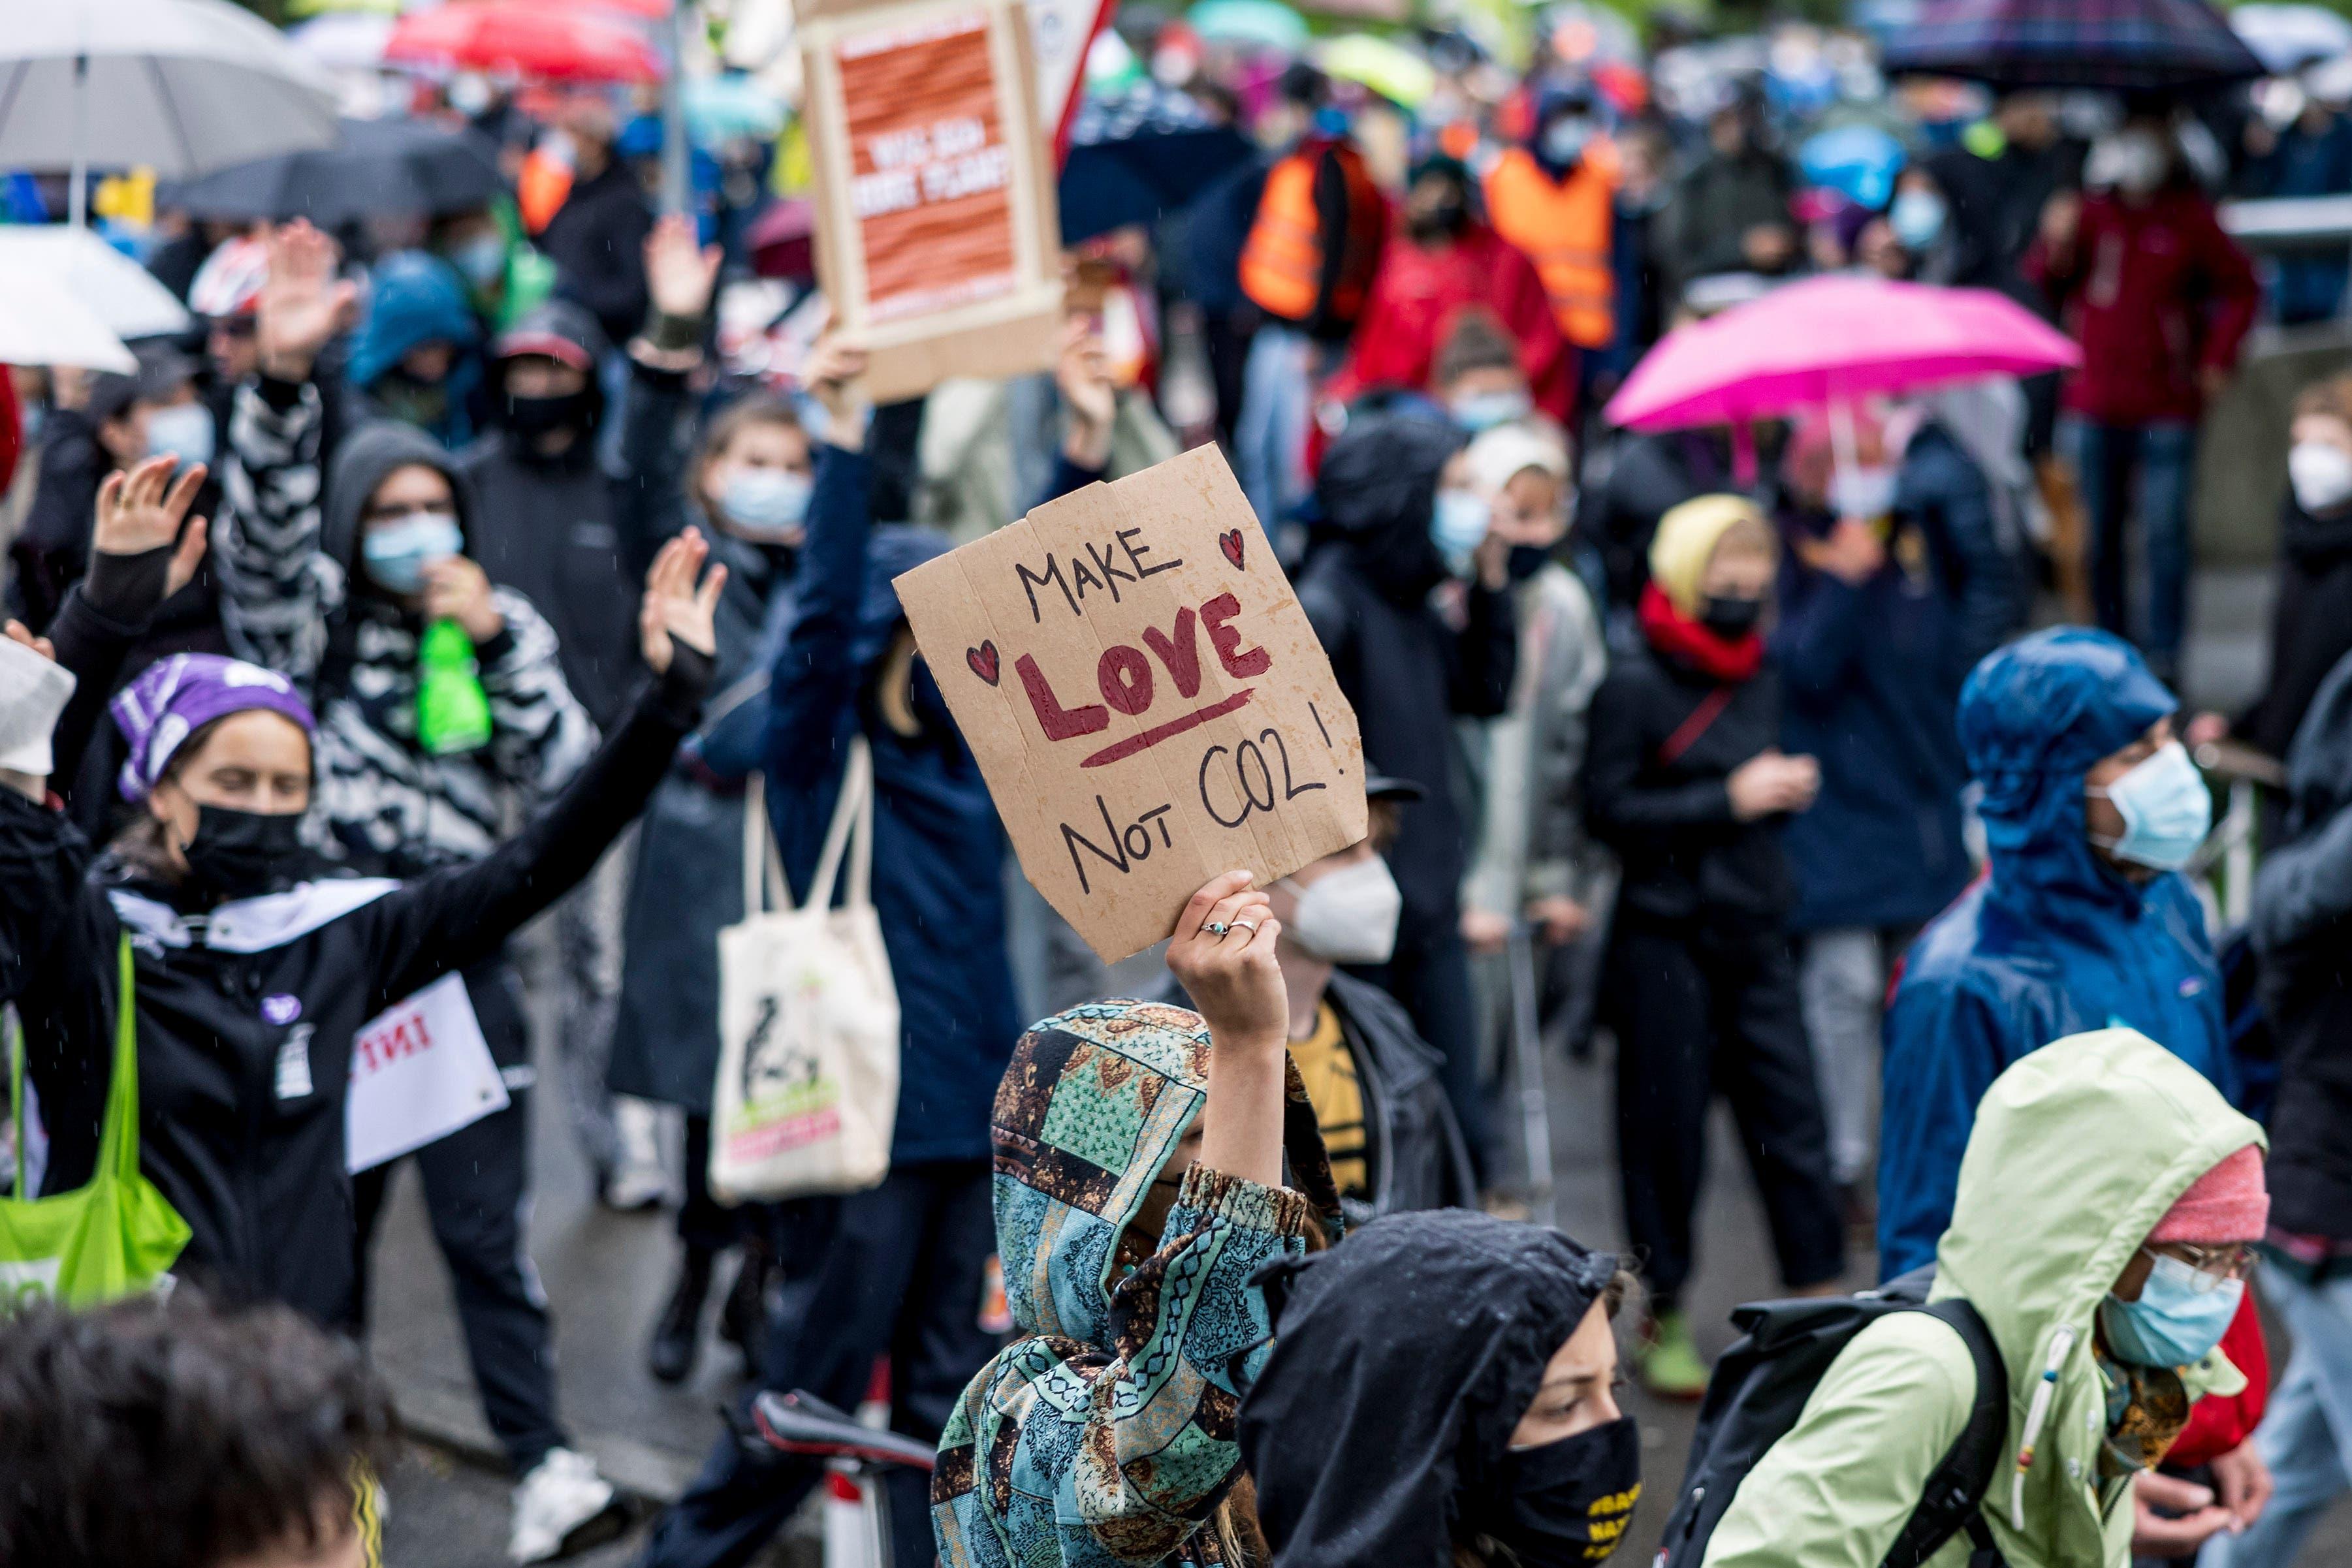 Die Demonstrierenden trotzten am Freitag dem Wetter und demonstrierten für den Klimaschutz.